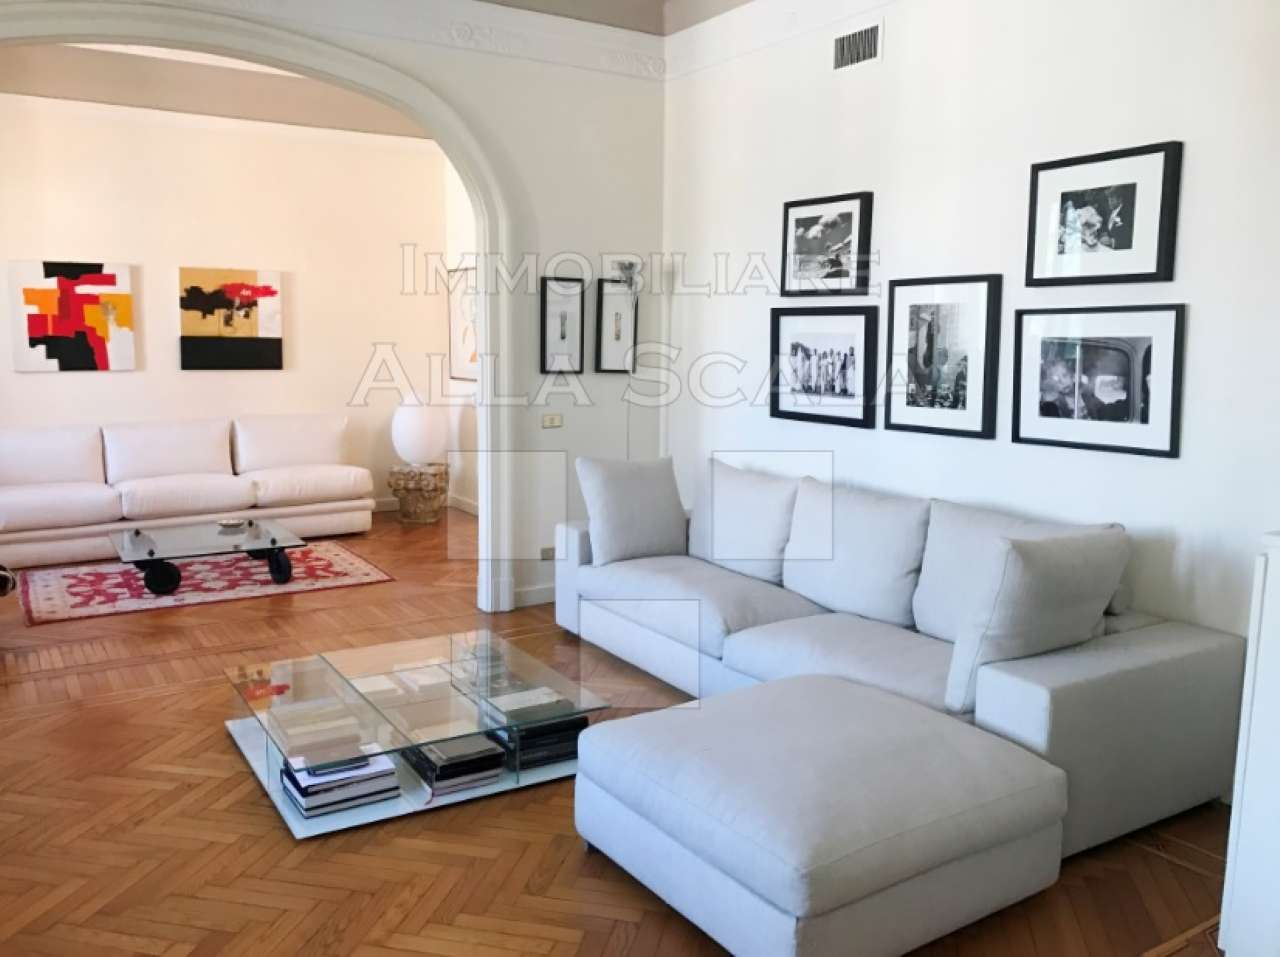 Appartamenti in affitto a milano trovocasa for Appartamento design affitto milano